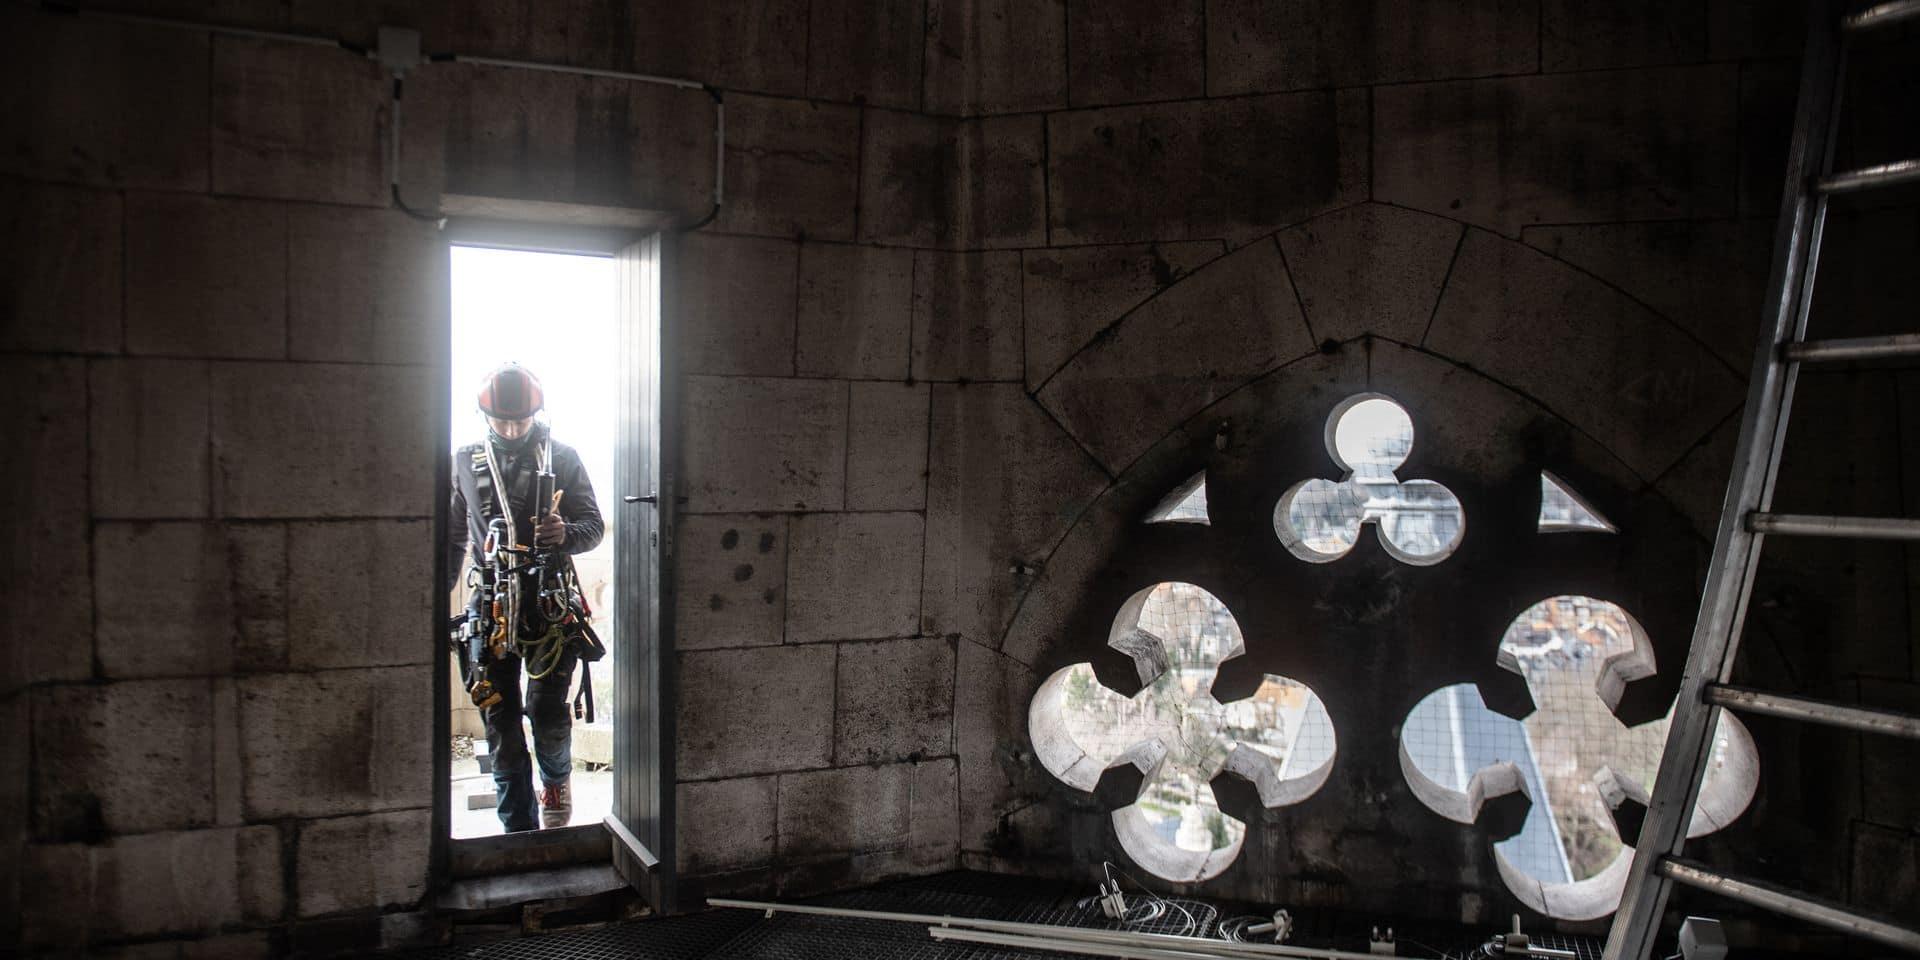 Bruxelles - Eglise Notre-Dame de Laeken - Neo Gothique: Visite du chantier Beliris d'illulination de la facade de l'edifice en presence de Karine Lalieux (PS) : ministre des Pensions et de l'Intégration sociale, chargée des Personnes handicapées, de